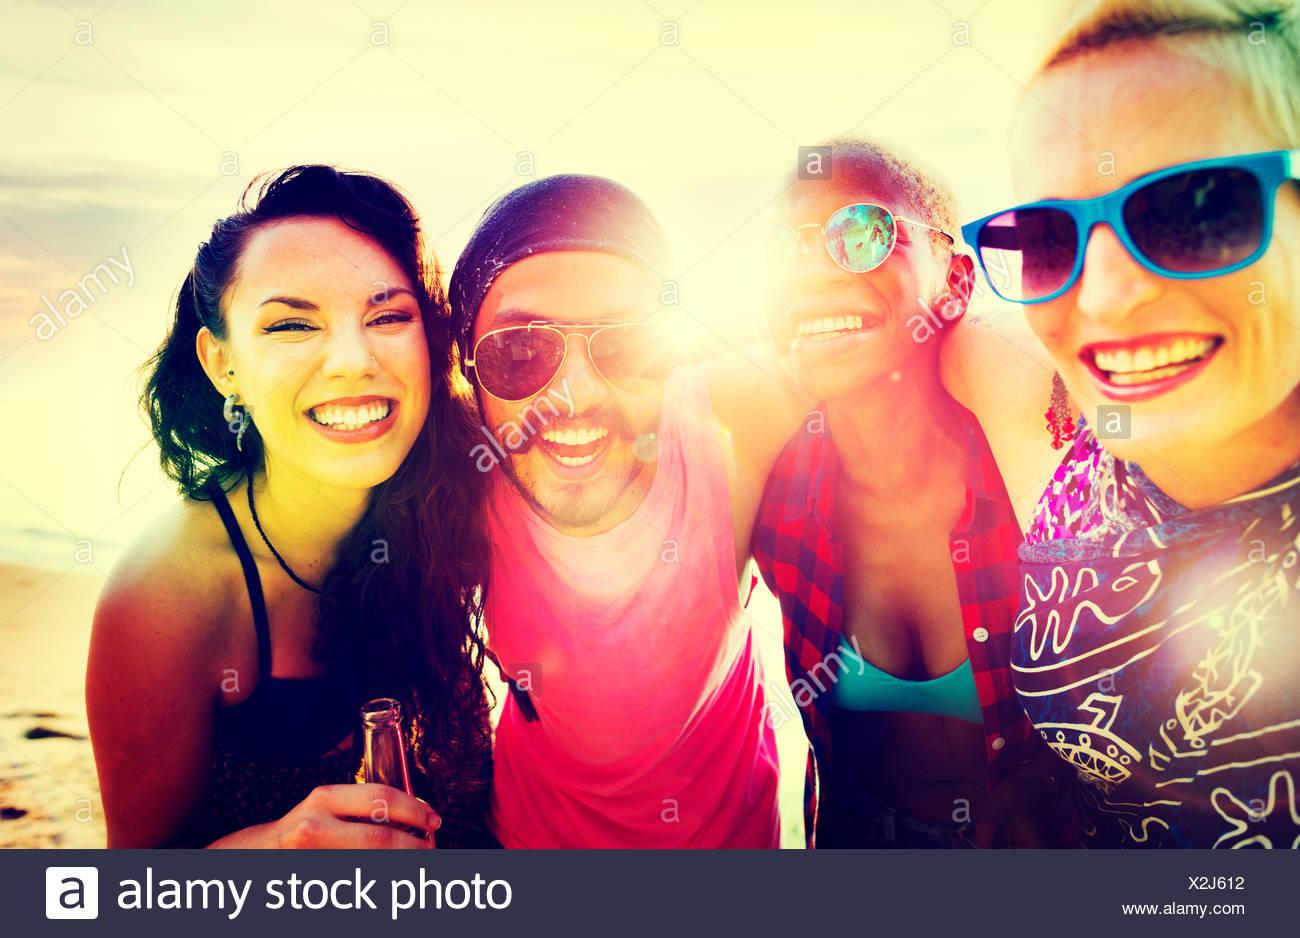 Freunde Freundschaft Urlaub miteinander Spaß Konzept Stockbild